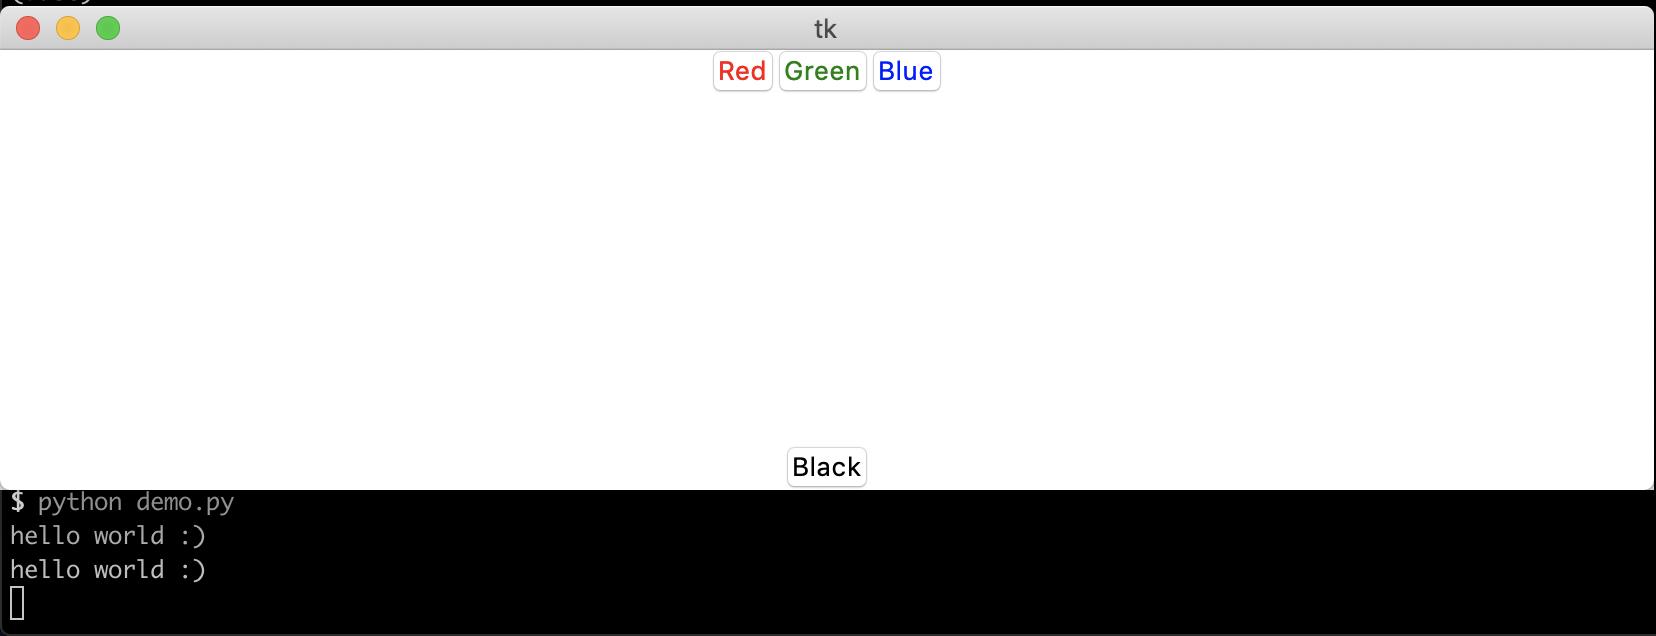 如何使用 Python Tkinter 製作 GUI 應用程式入門教學